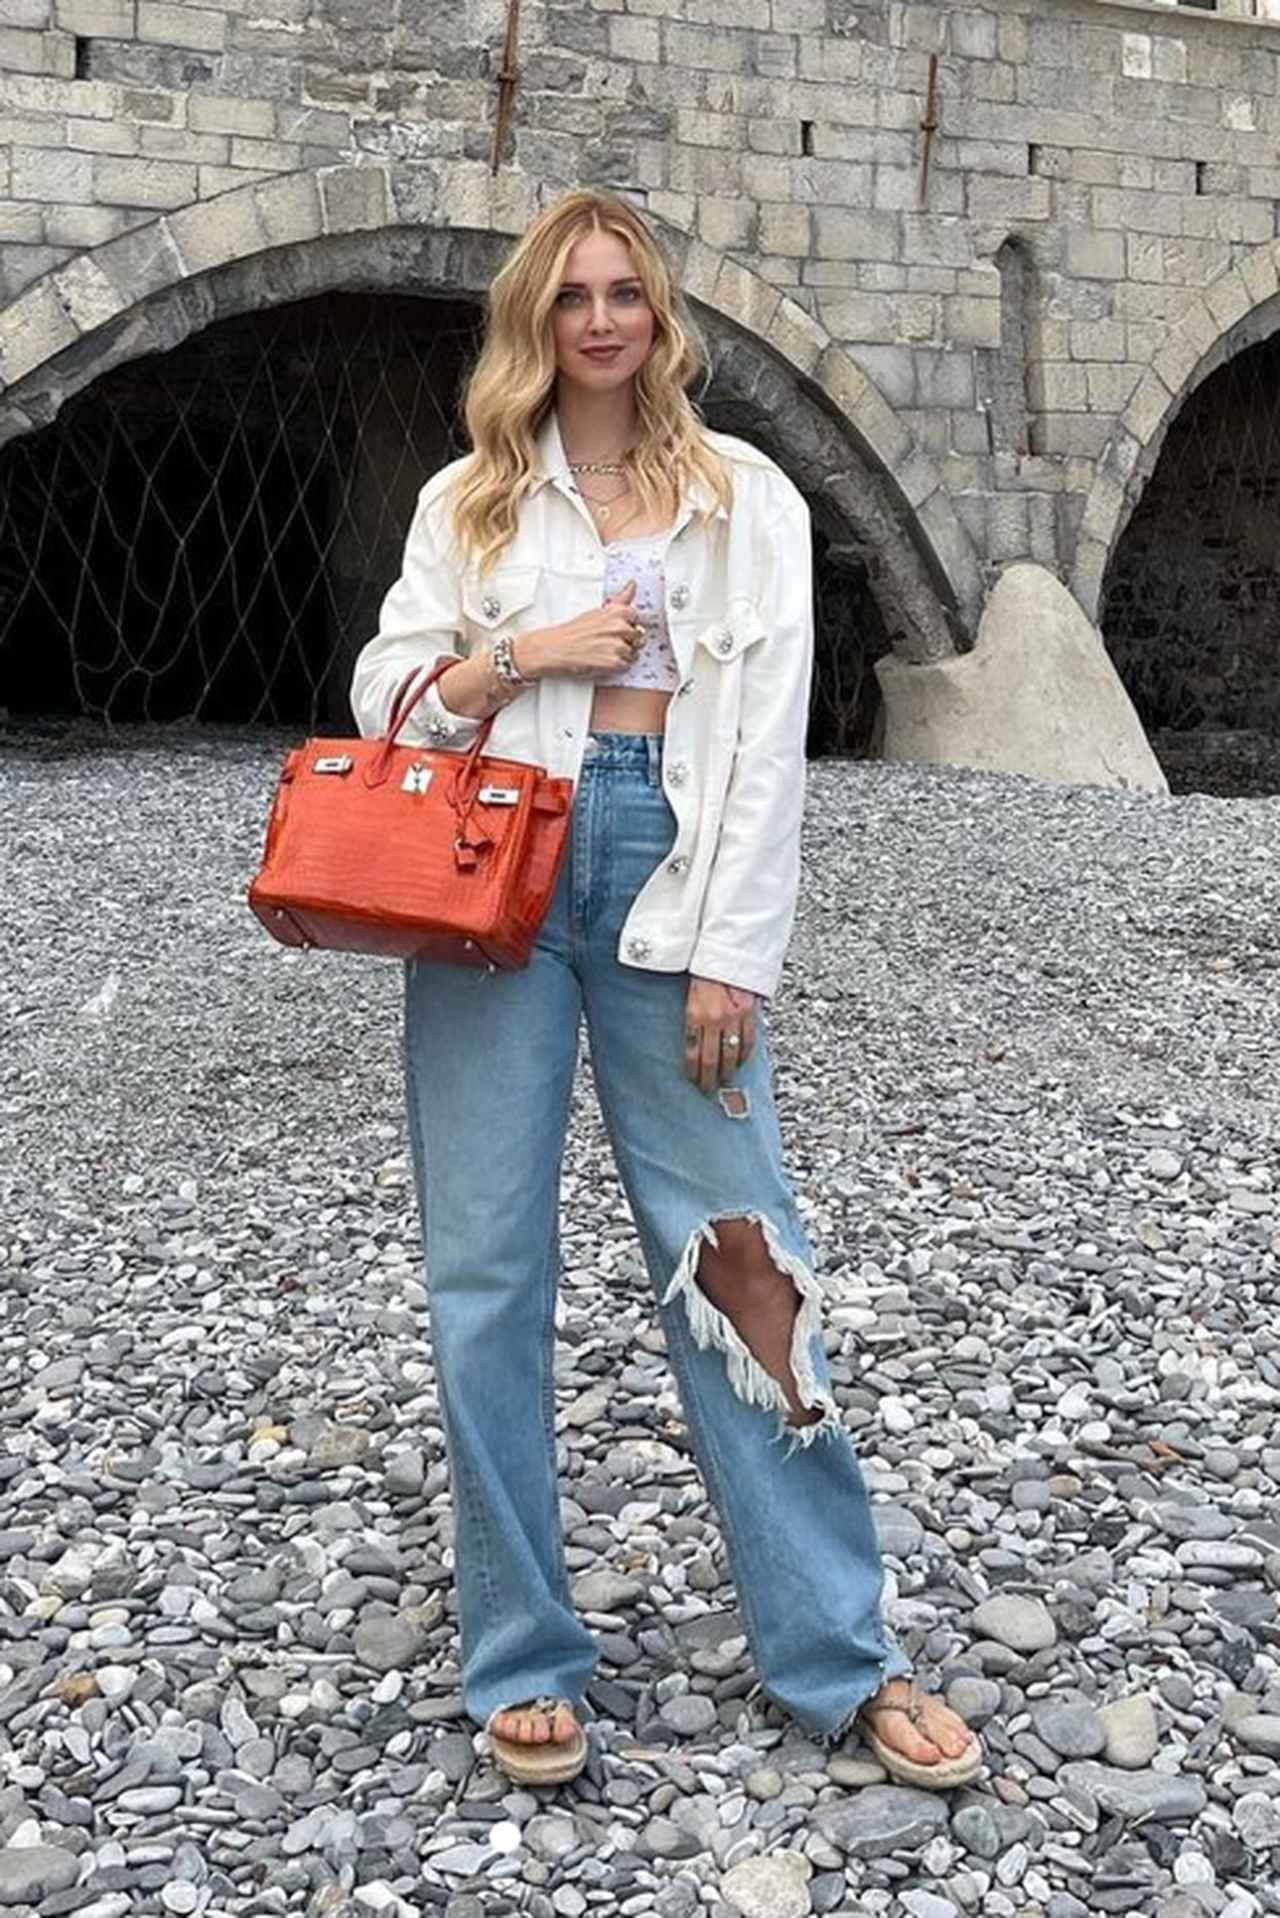 画像: モデル兼ファッショ二スタのキアラ・フェラーニ